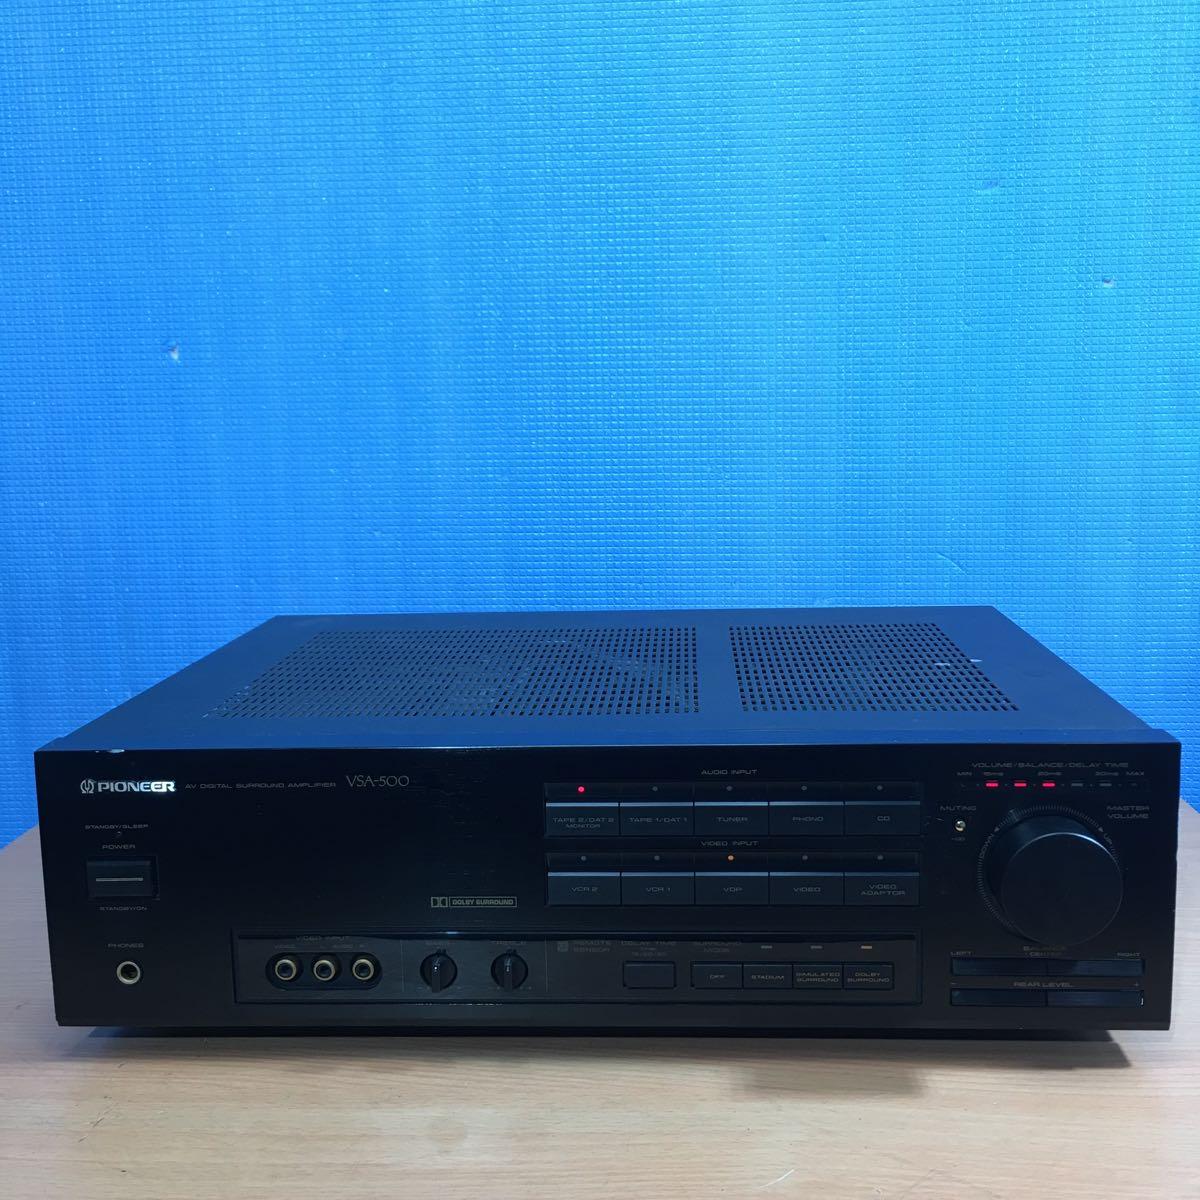 P IONEER AV デジタル サラウンド アンプ VSA-500 Ⅱ_画像1